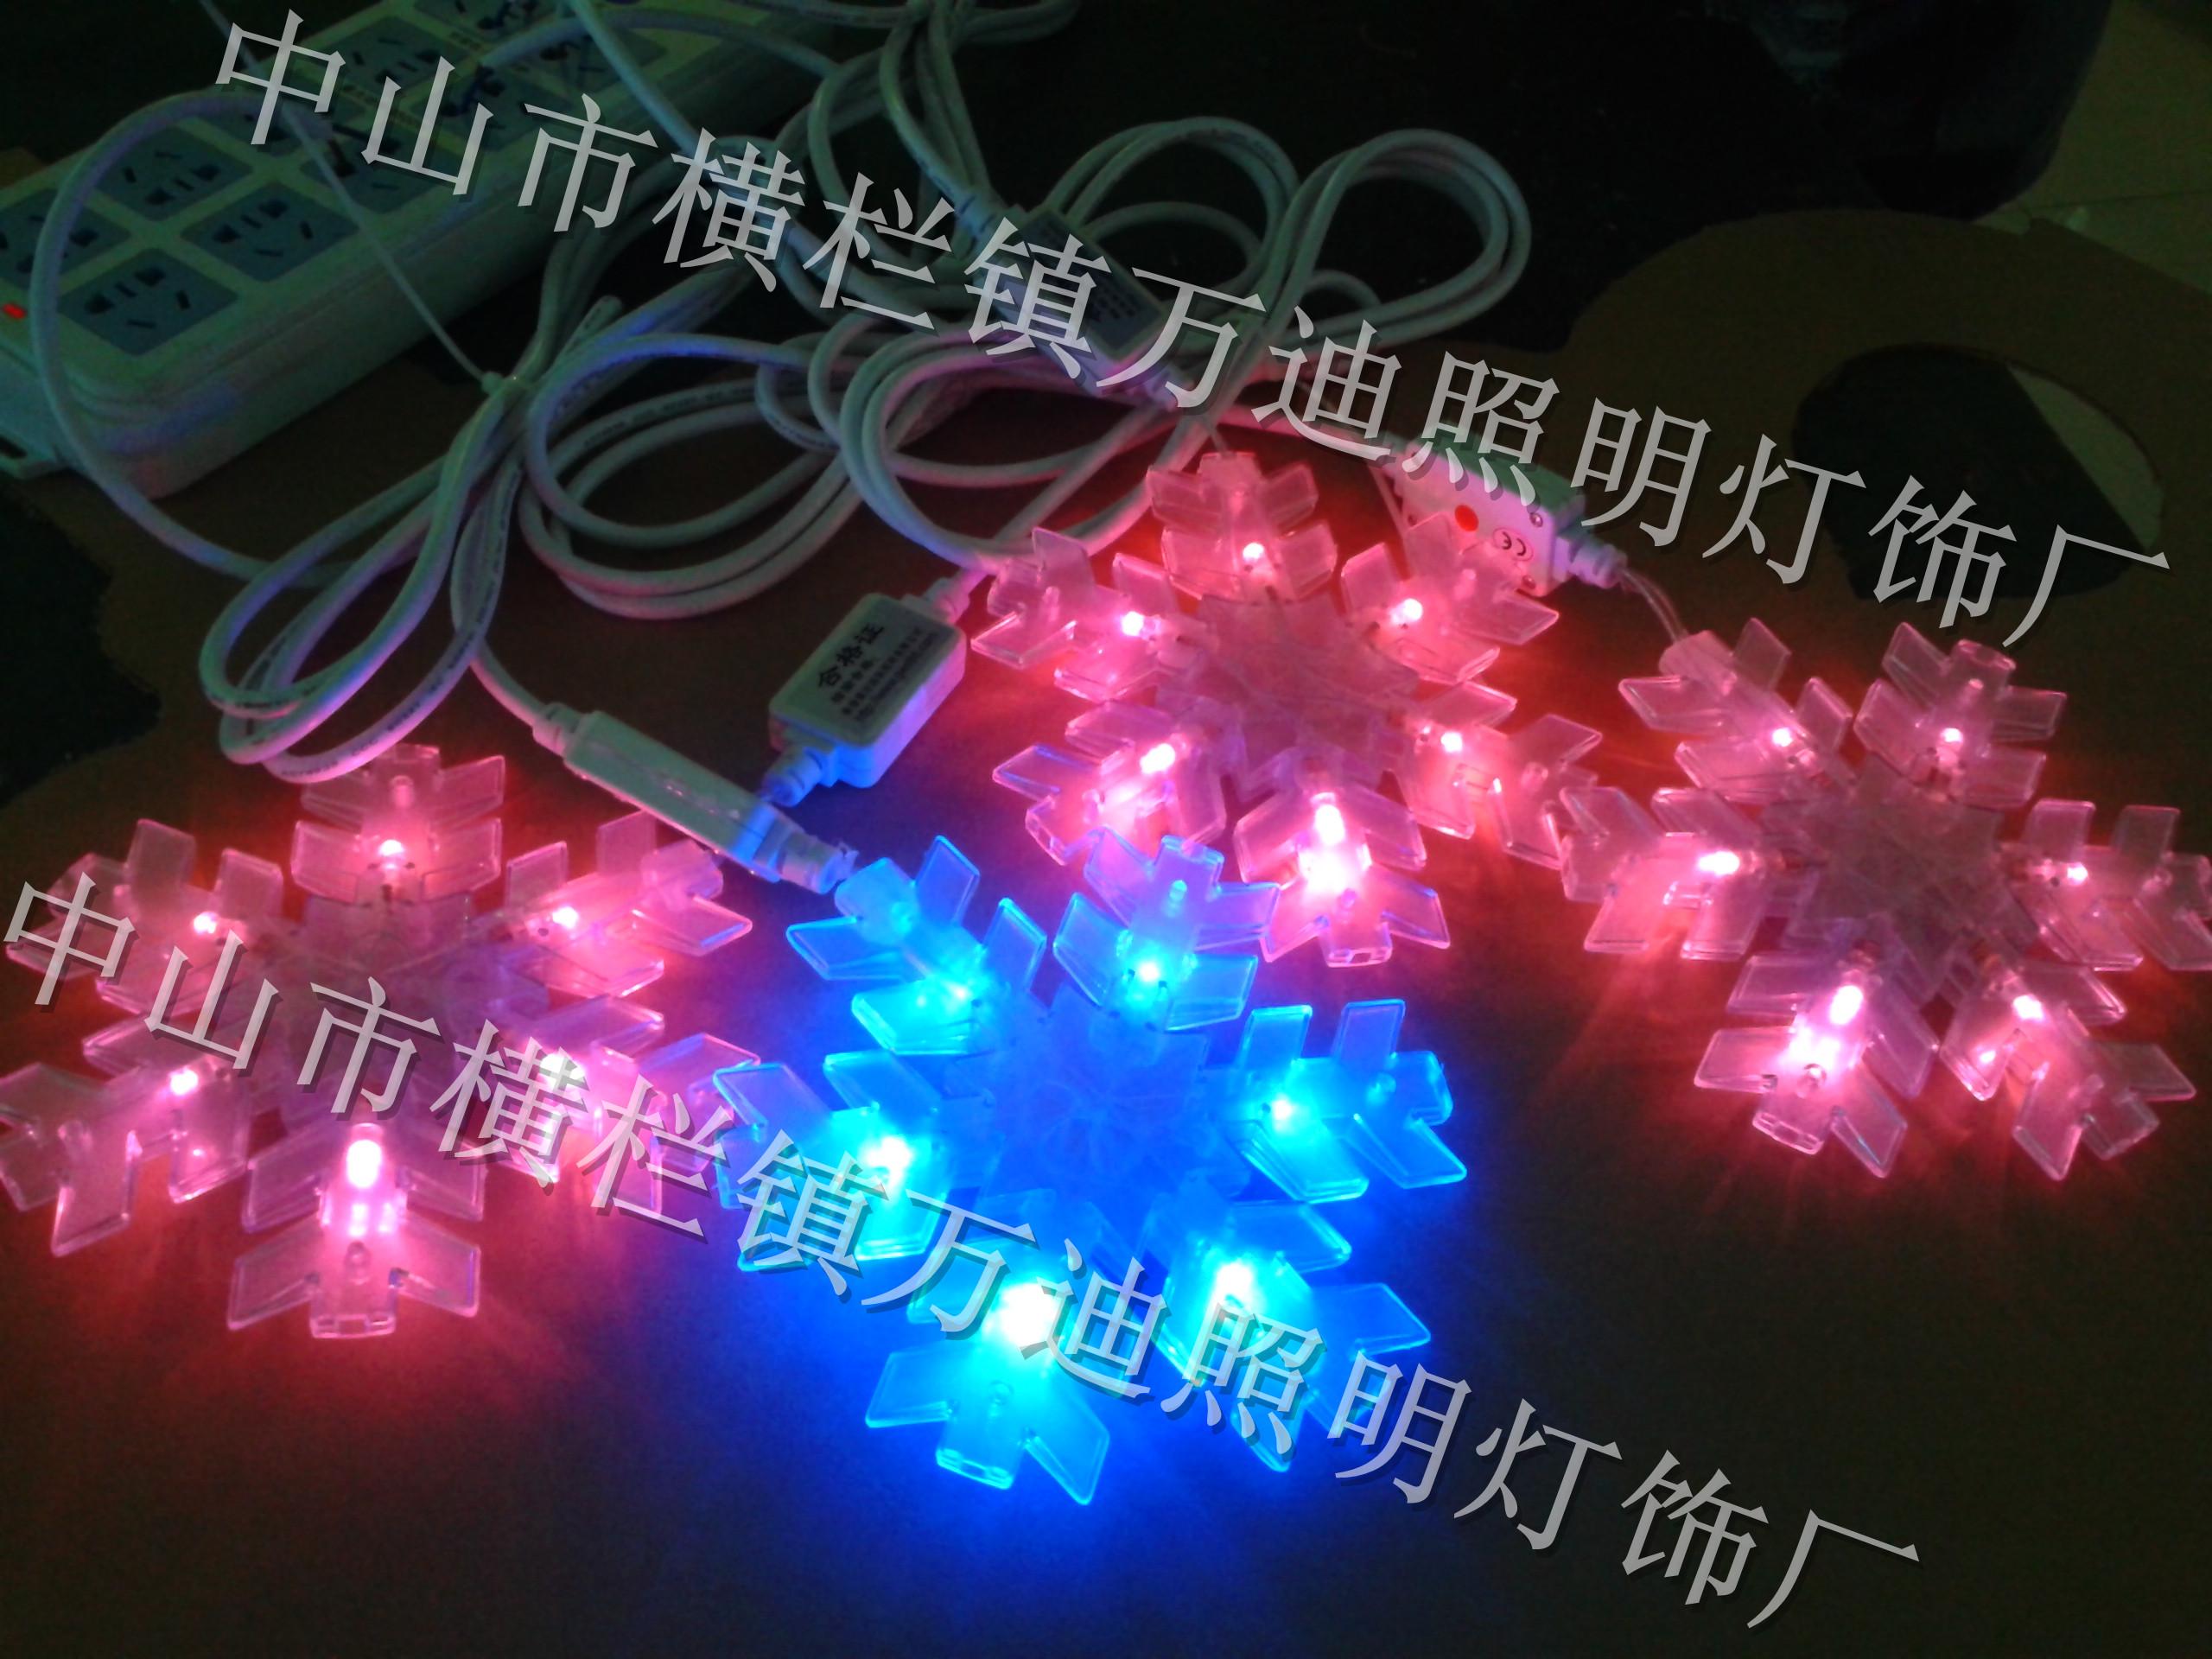 春节亮化装饰雪花灯 元旦装饰灯 LED雪花灯串